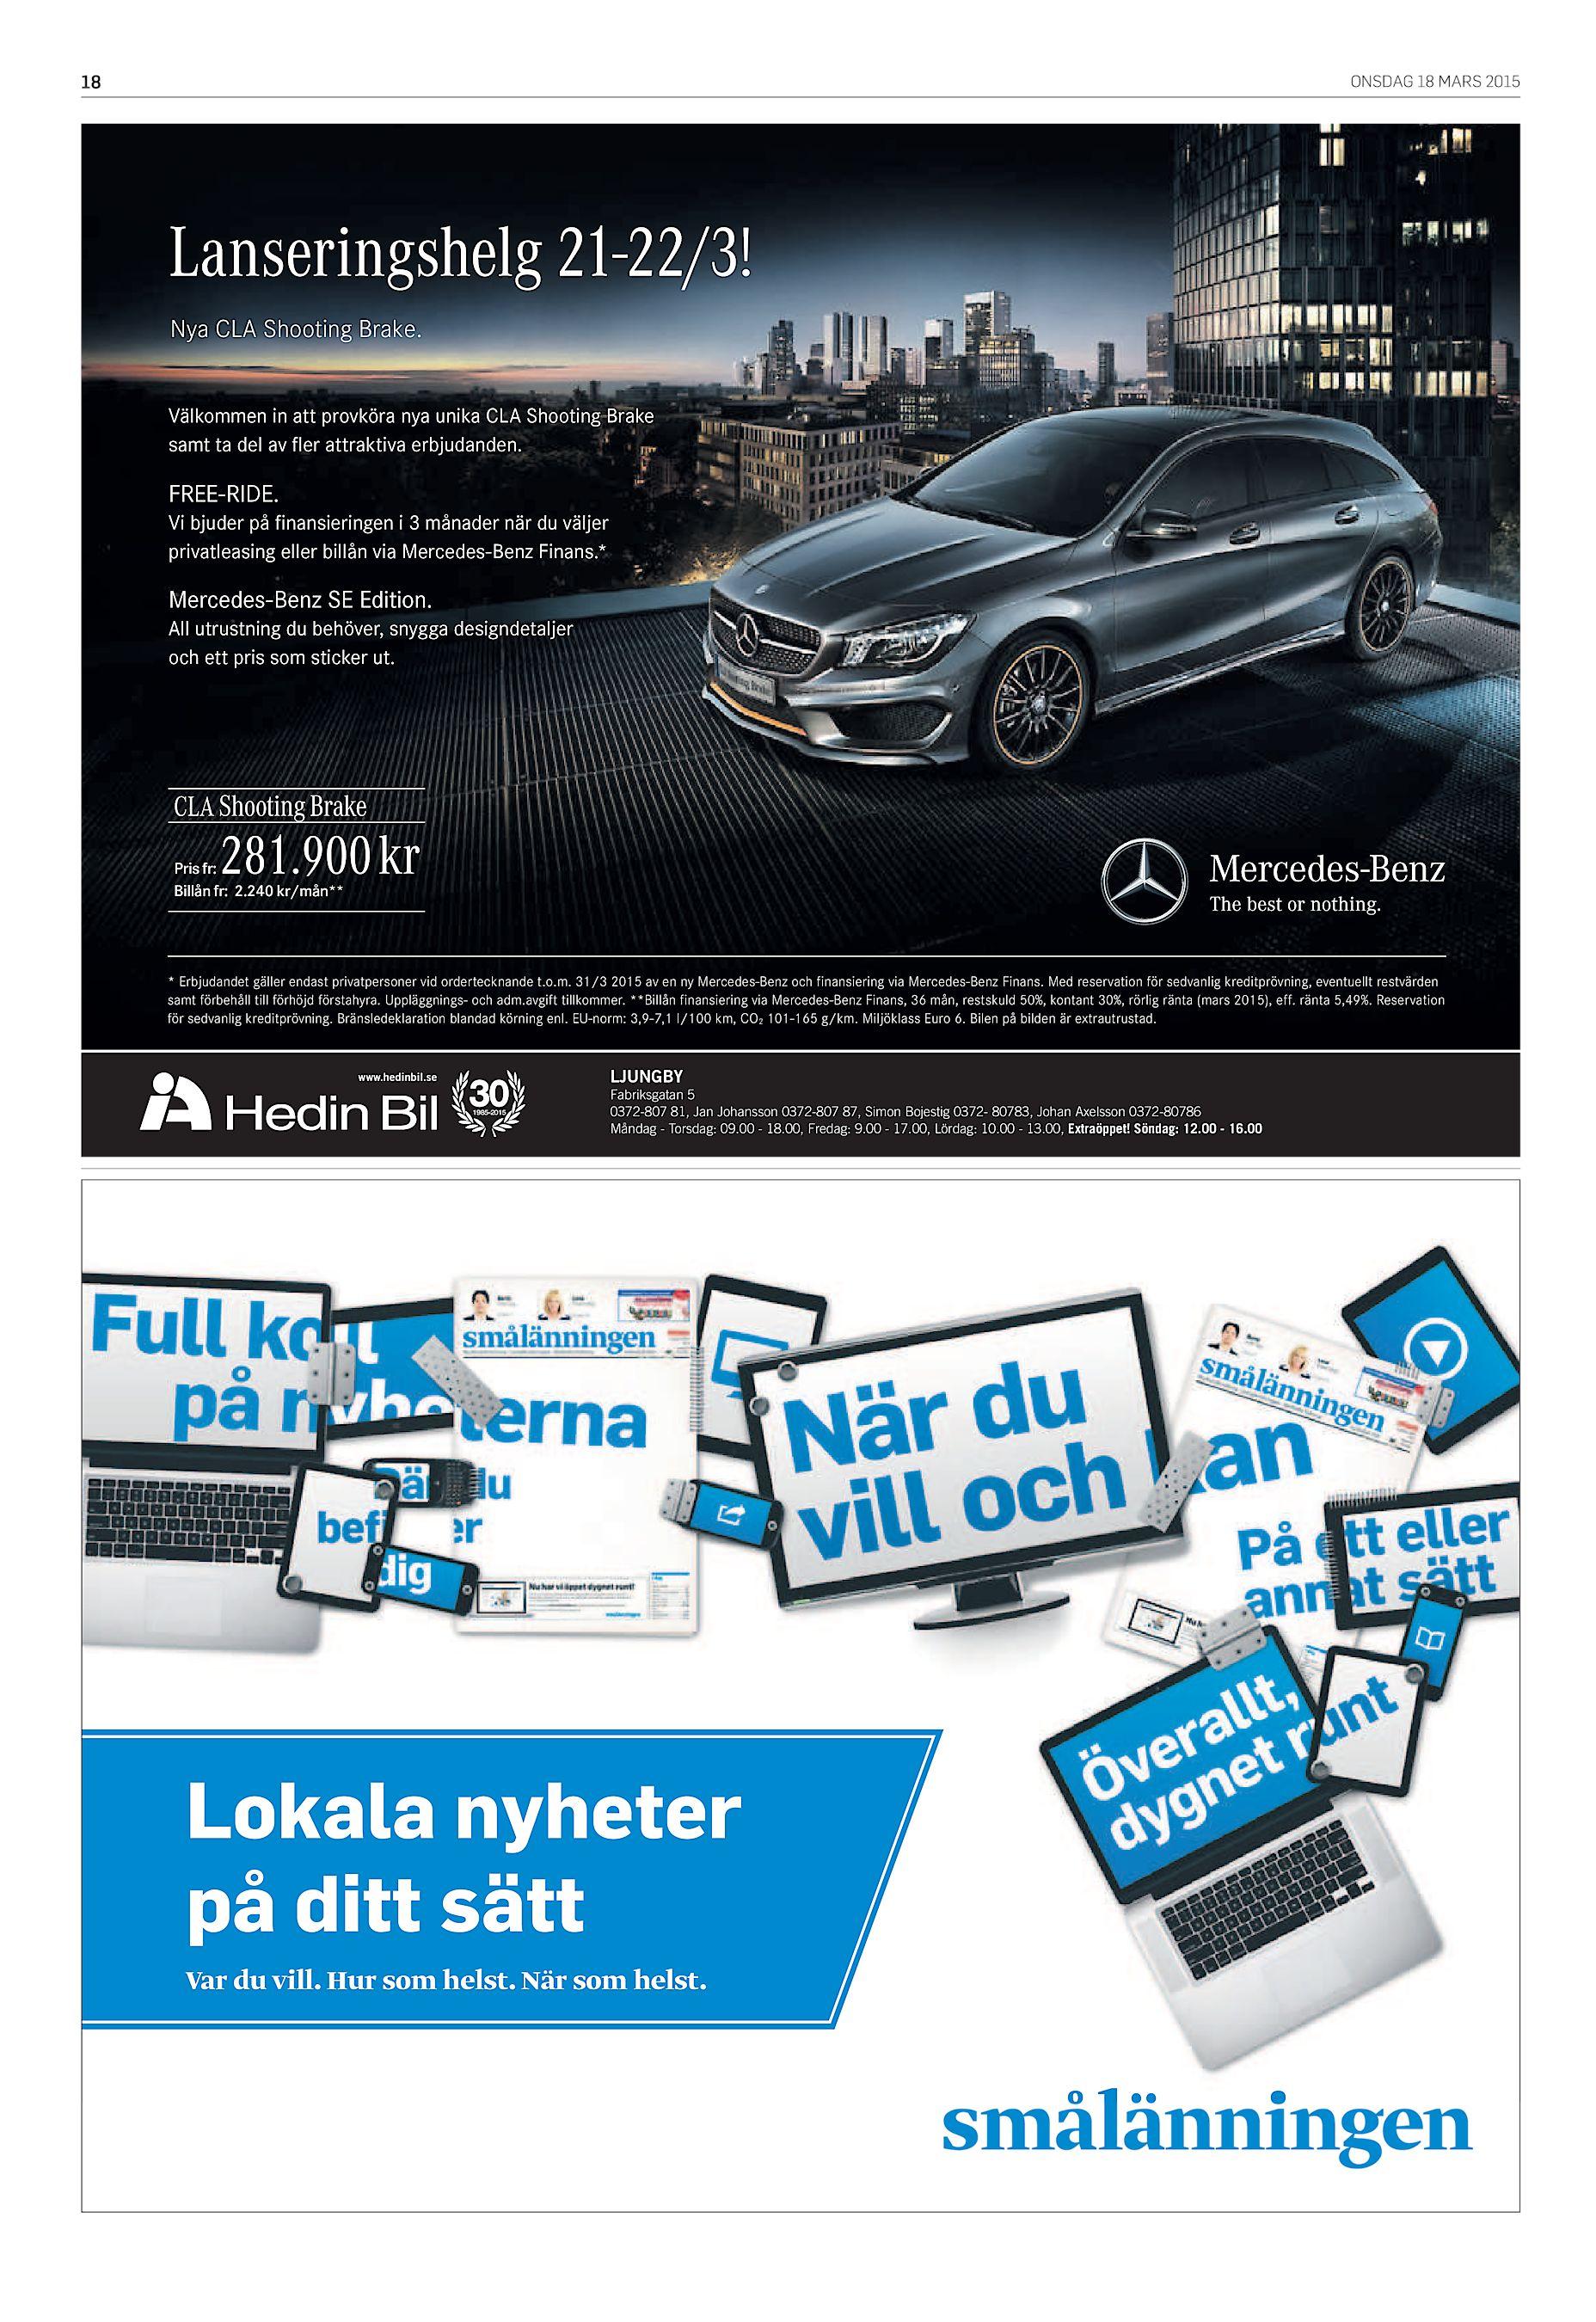 Veckobladet sv 20150318 (endast text)